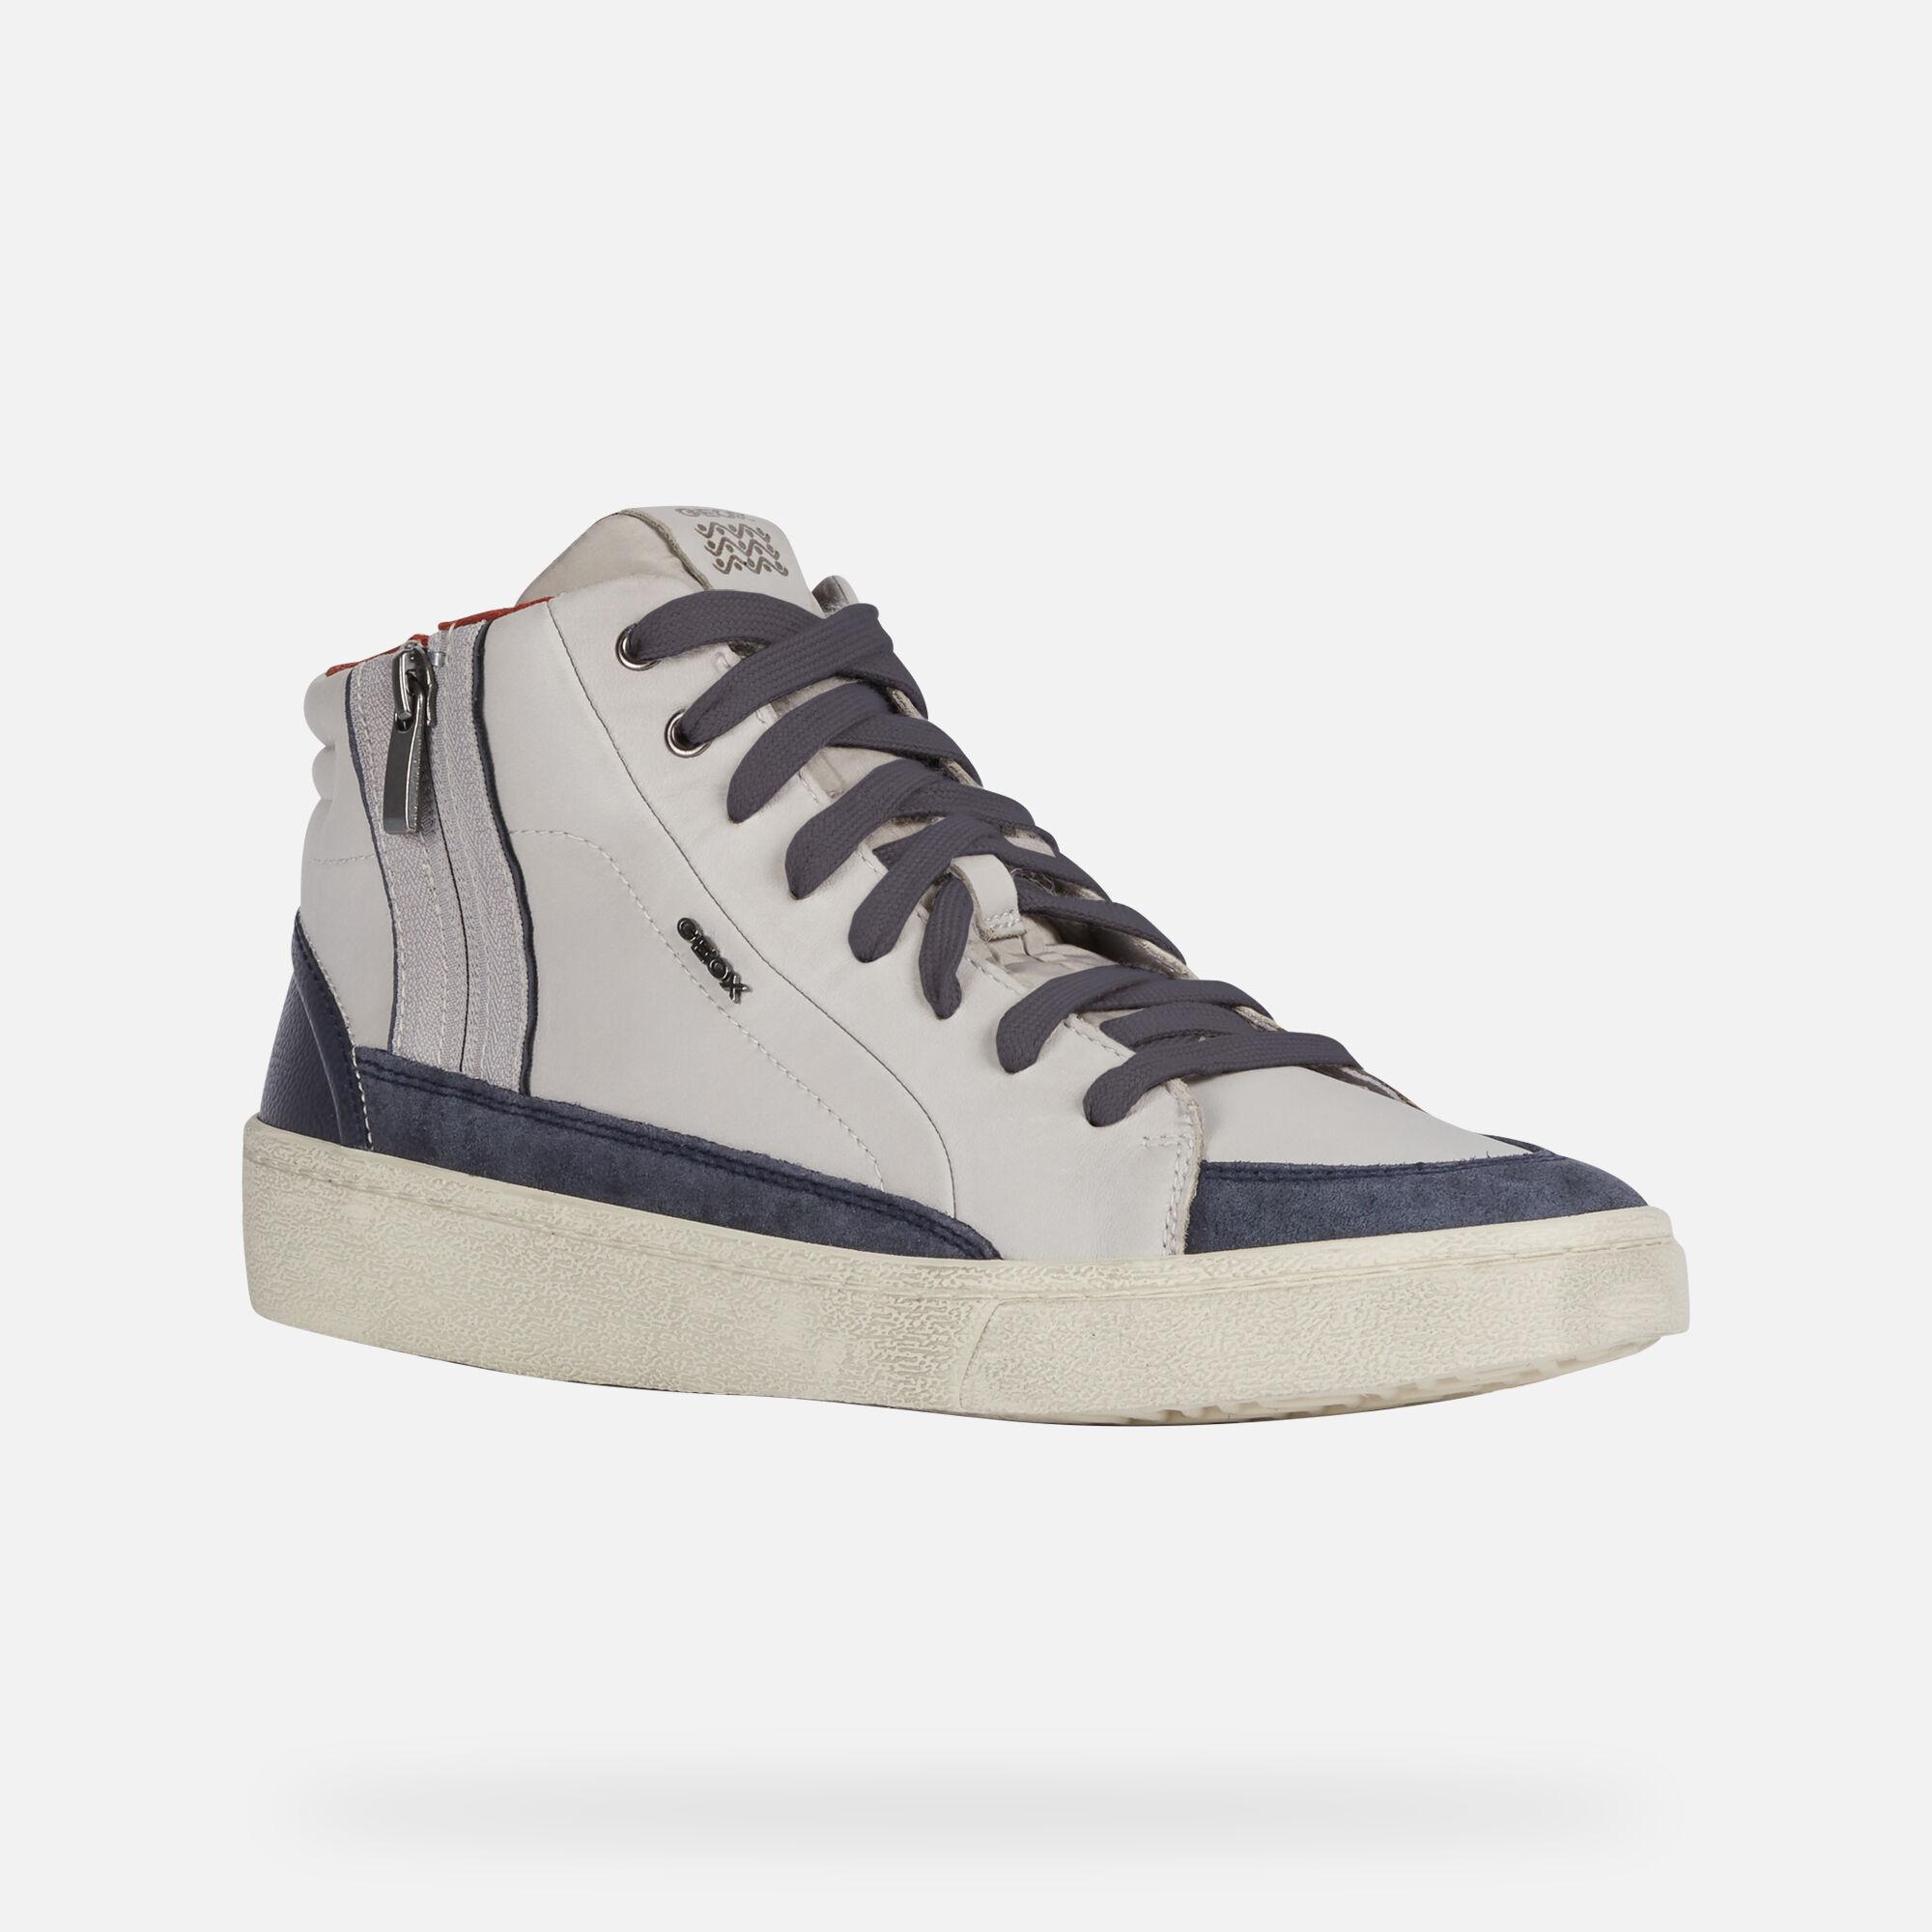 Geox WARLEY Man: Boulder Sneakers | Geox FW1920  zu verkaufen